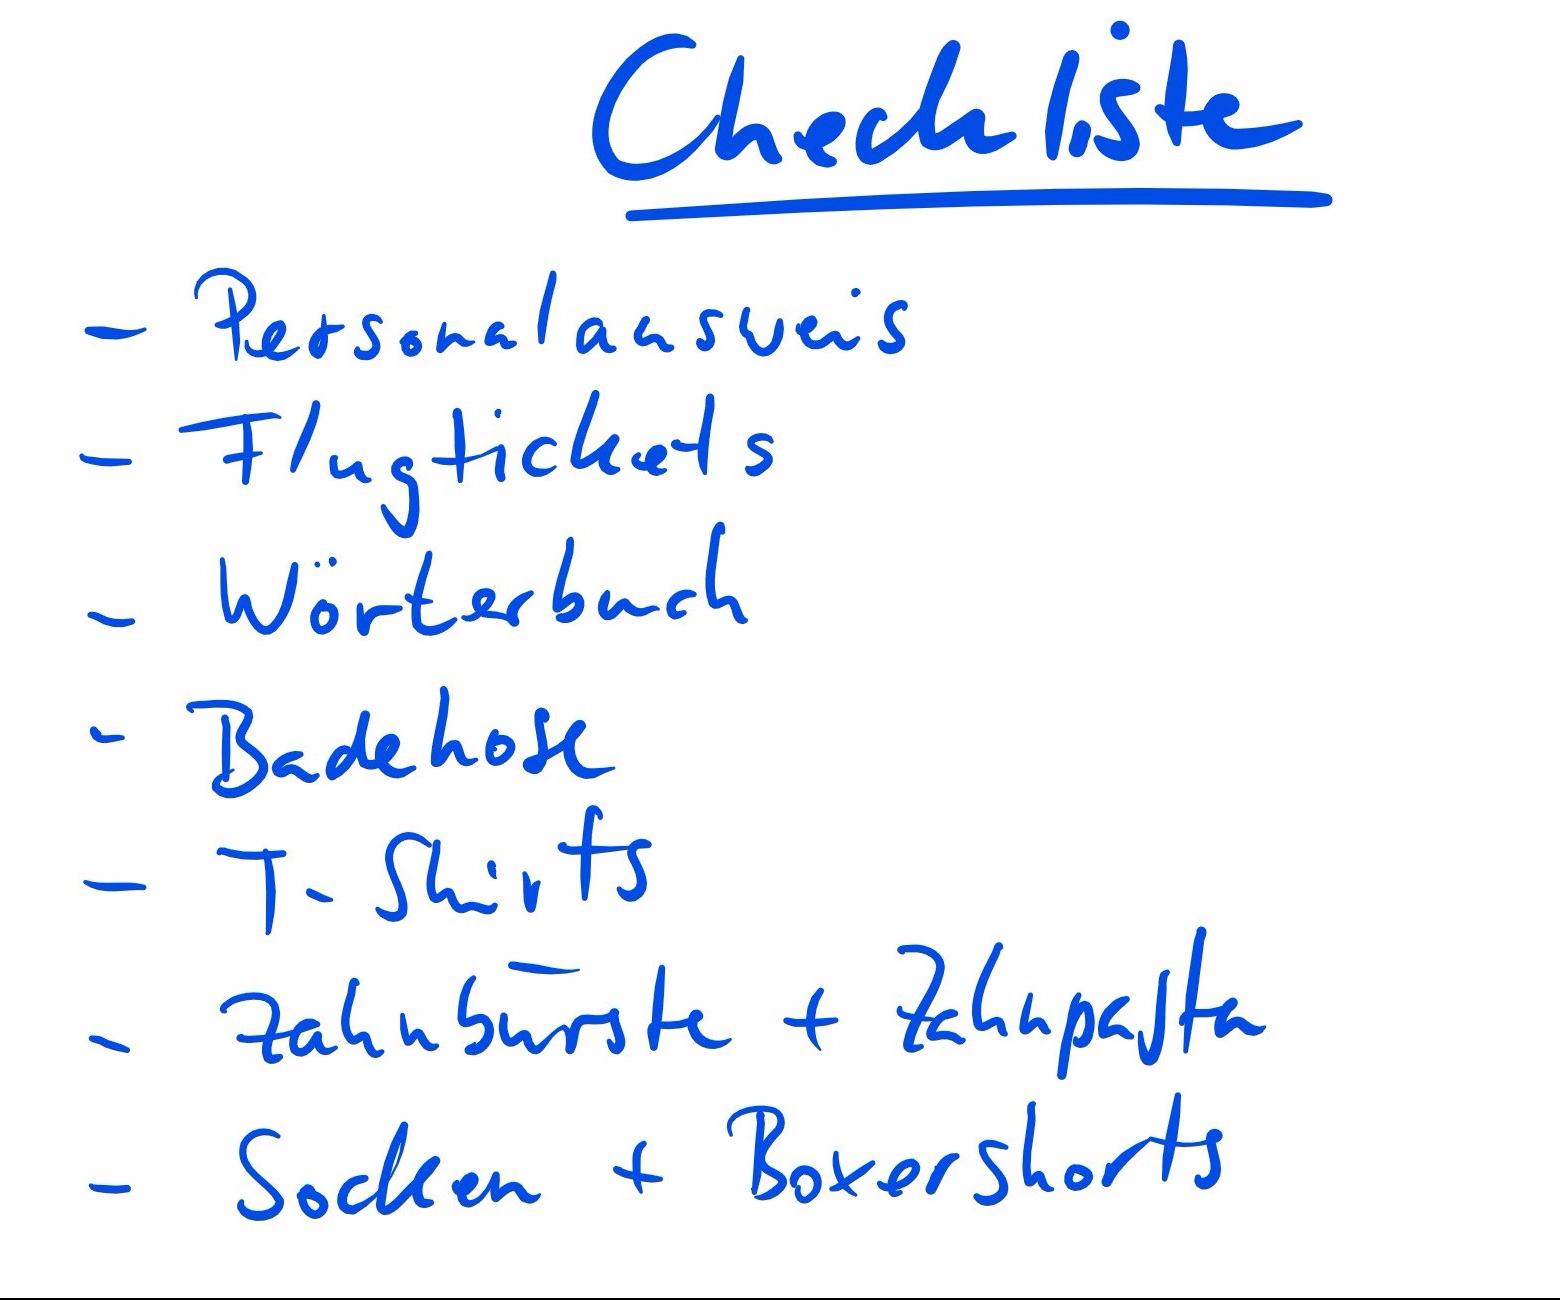 checkliste1.jpg